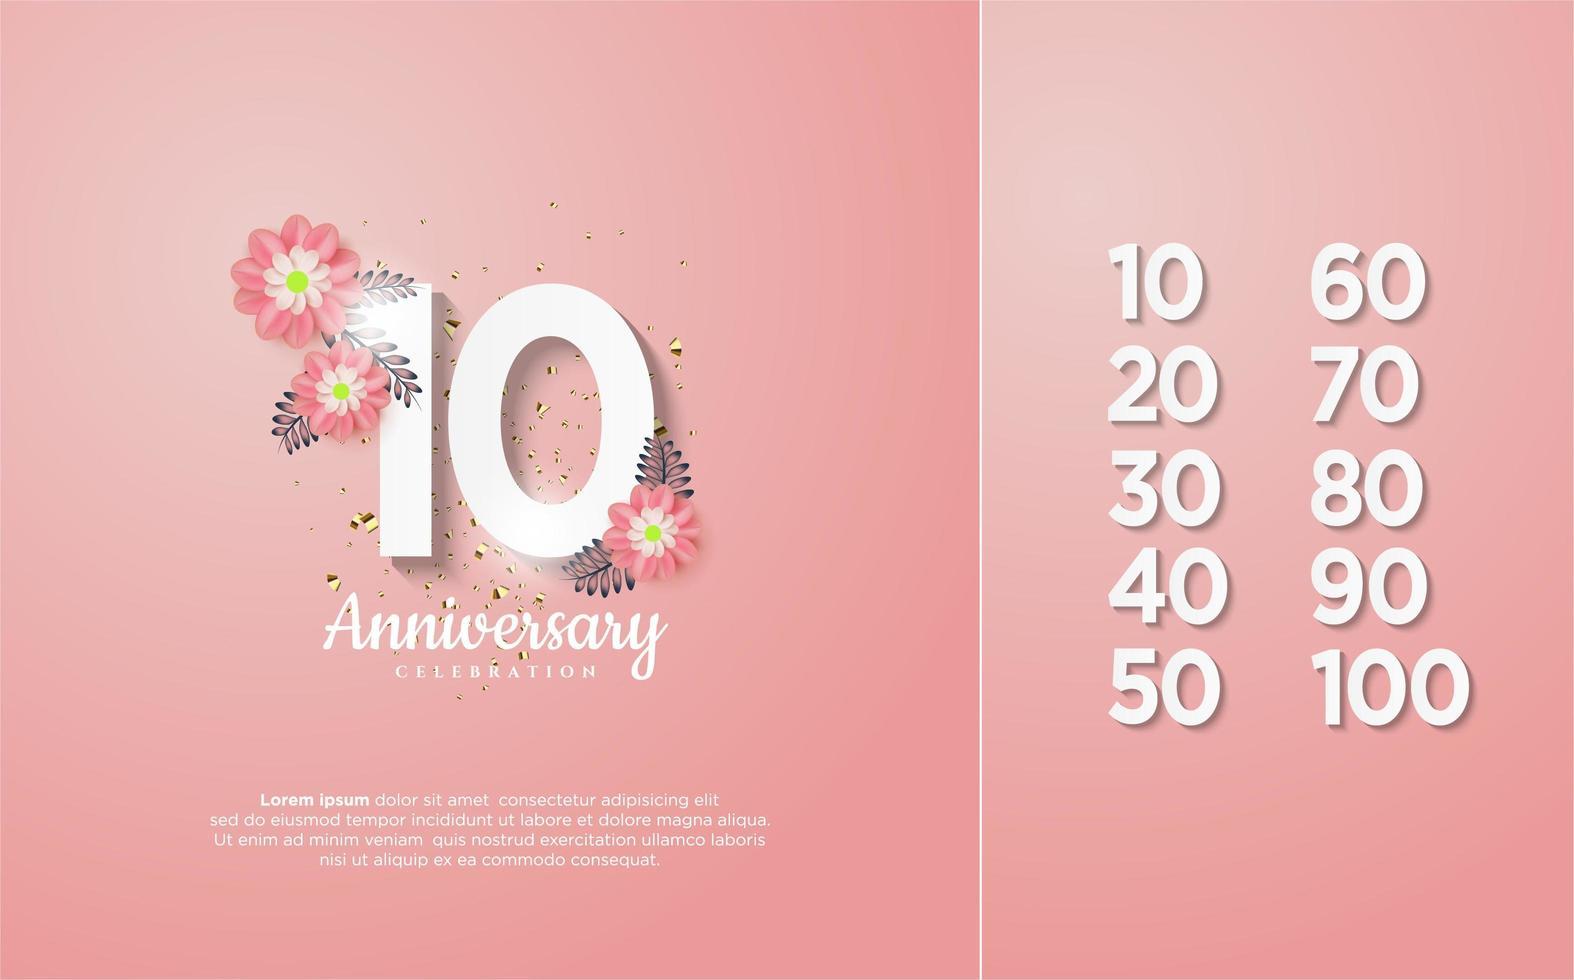 firandet siffror är från 10-100 med vita siffror vektor